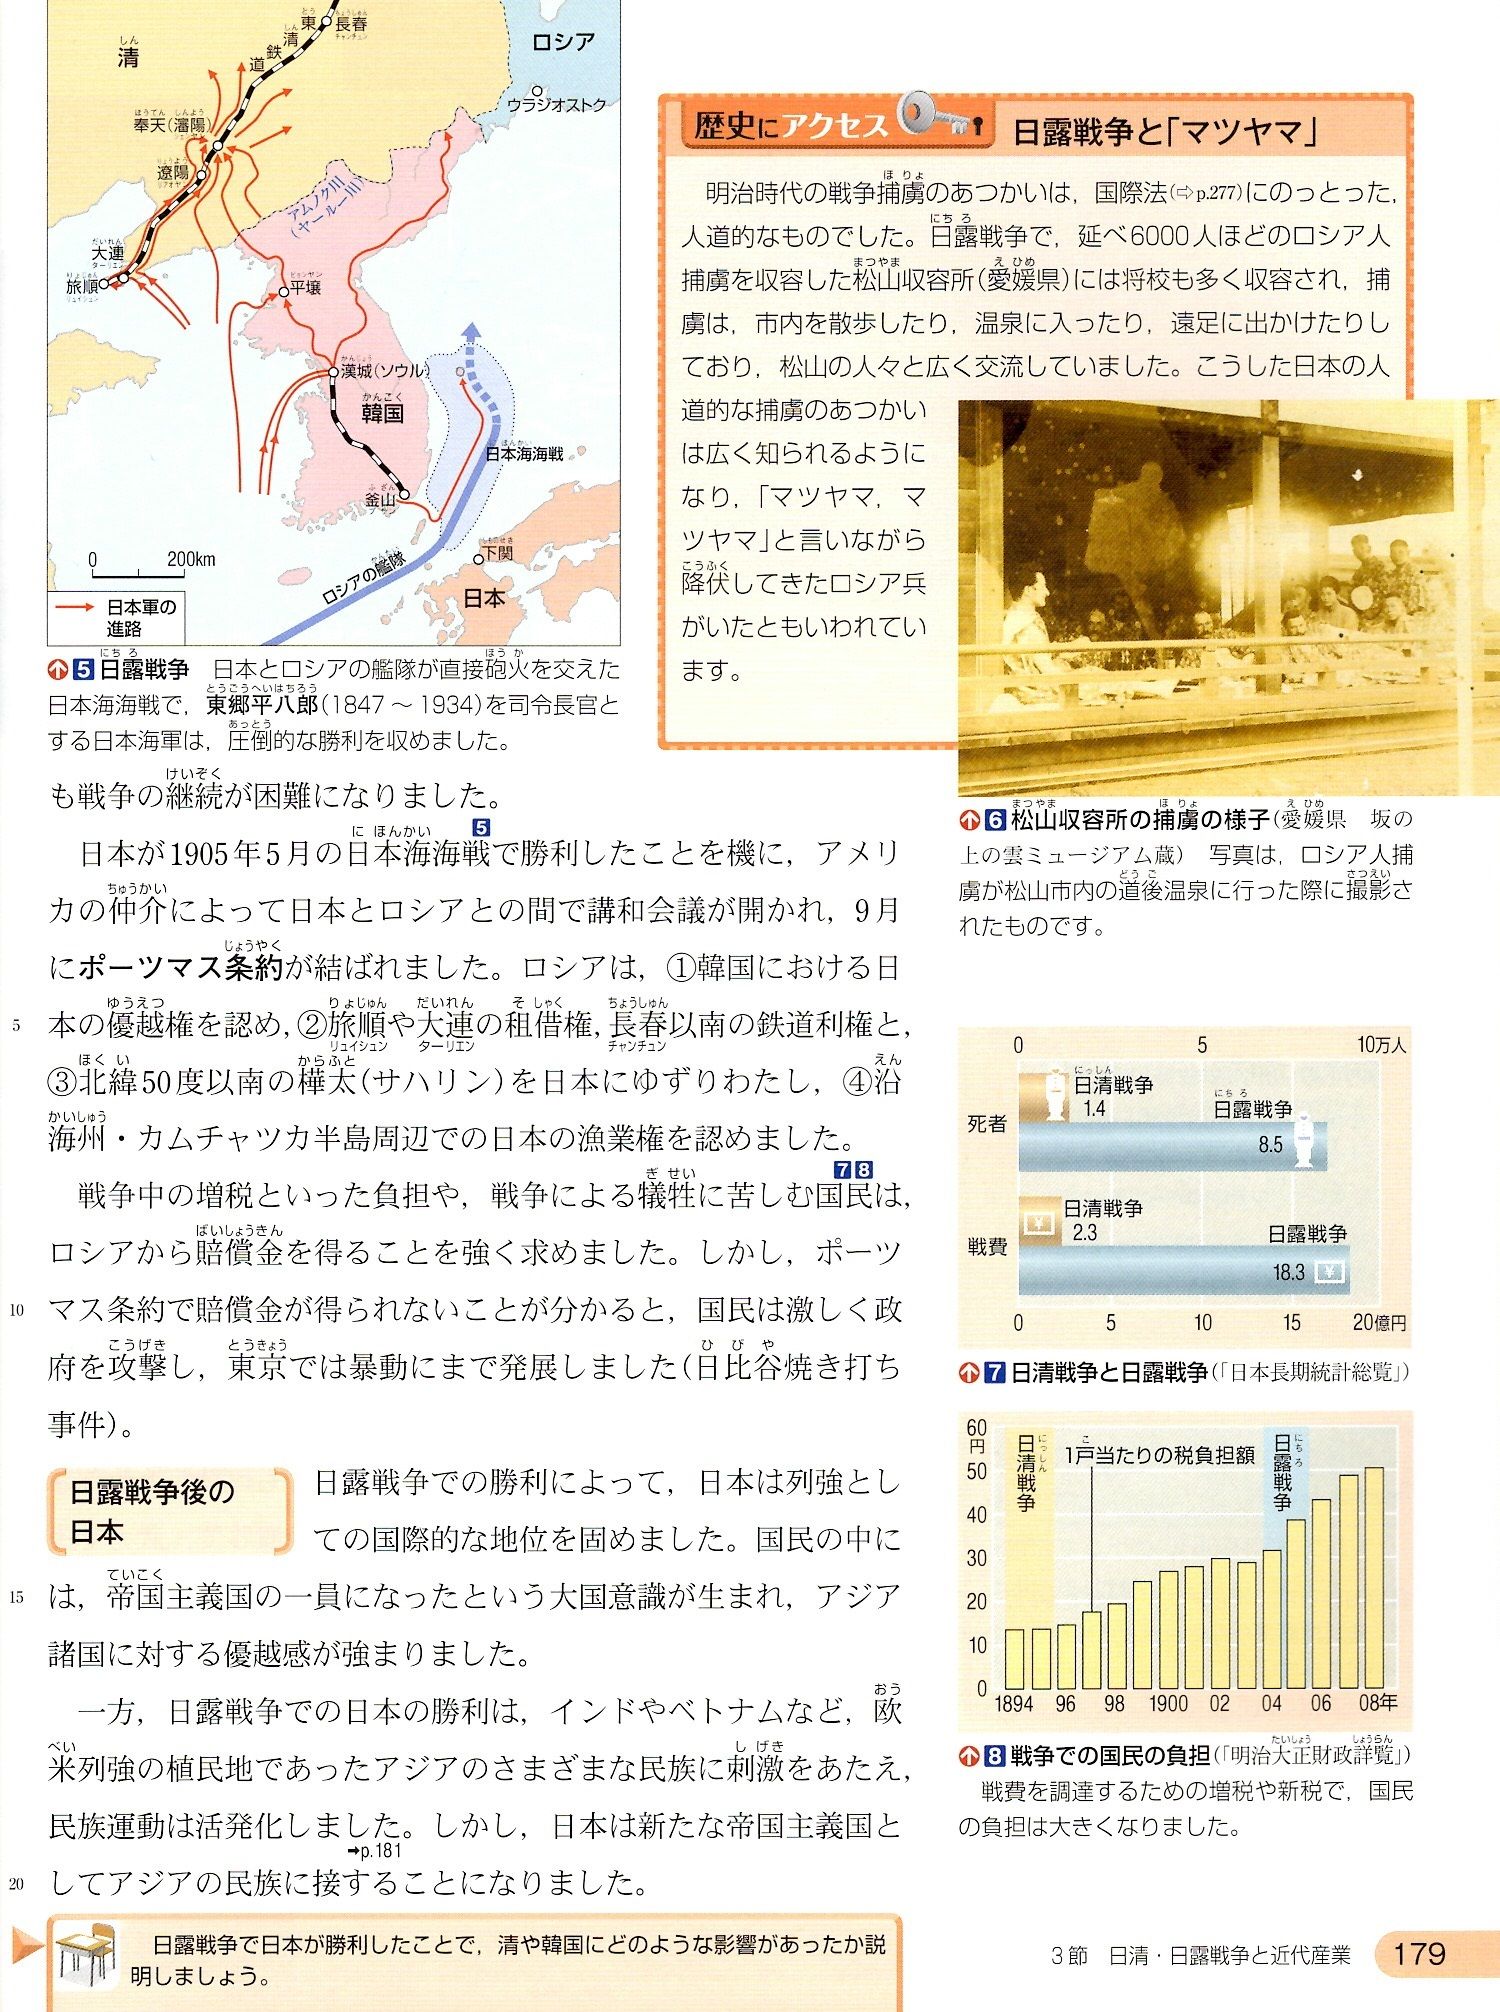 東京書籍 日露戦争 2